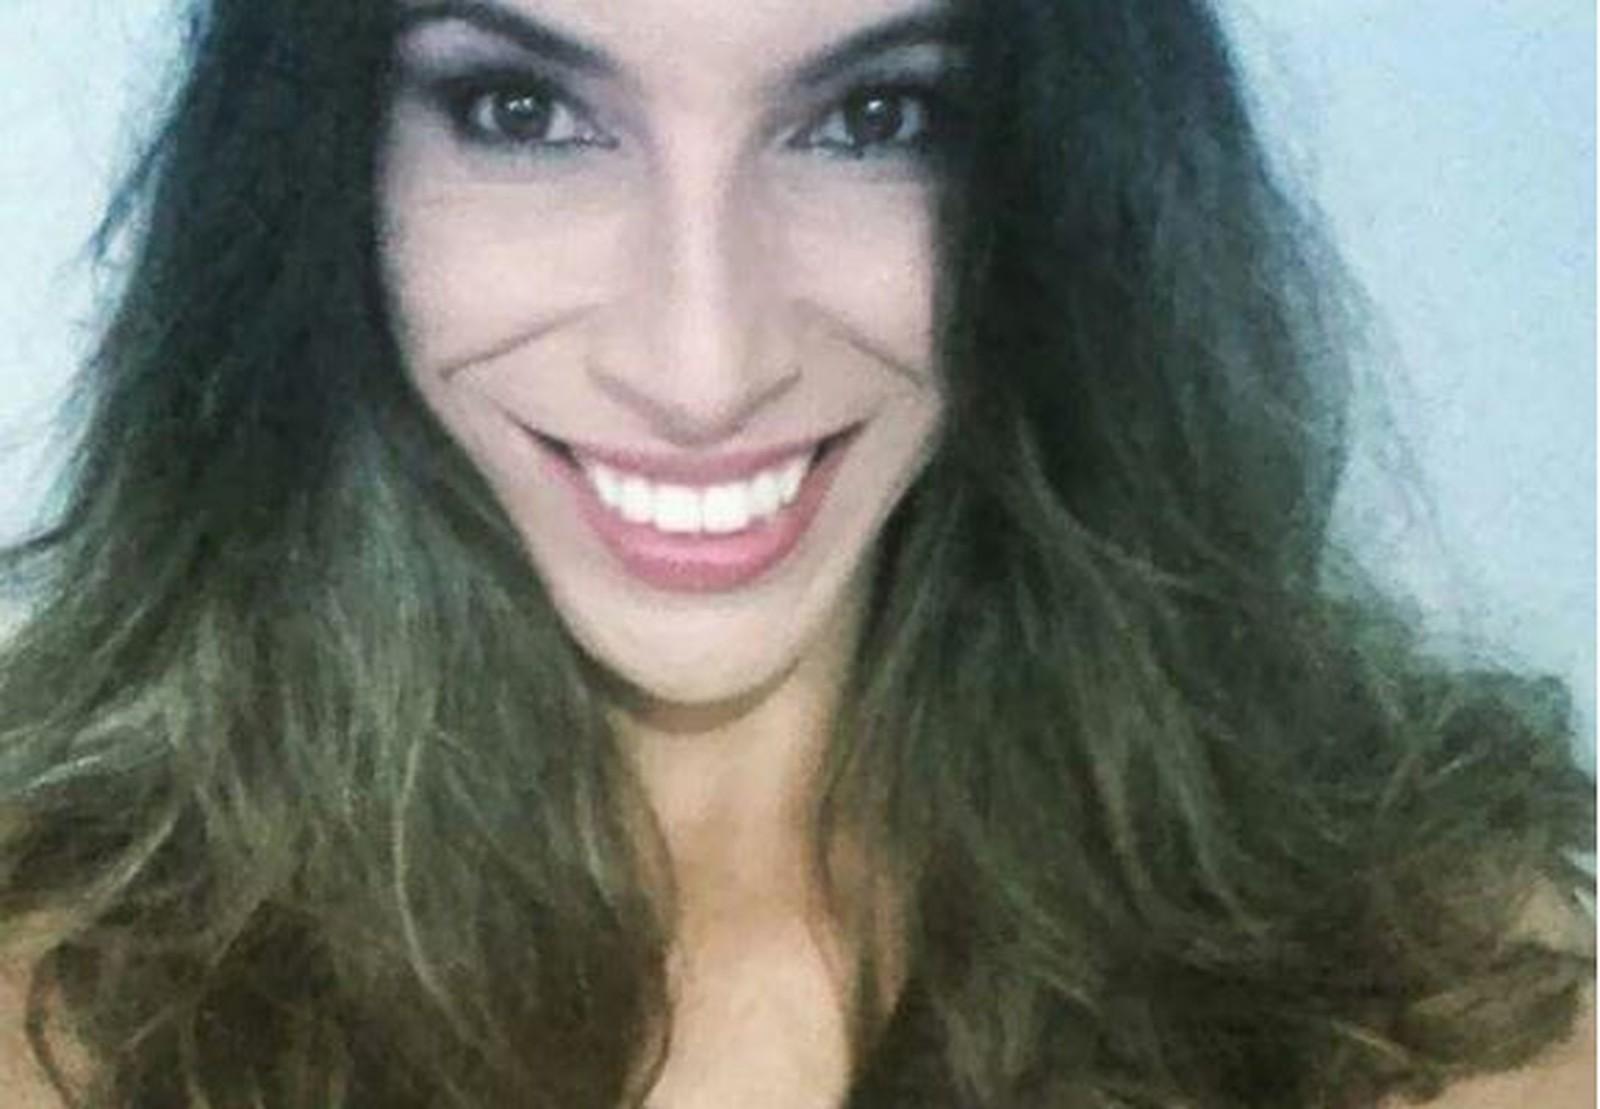 Mesmo com decreto, mulher trans é impedida de embarcar em aeroporto ao usar nome social